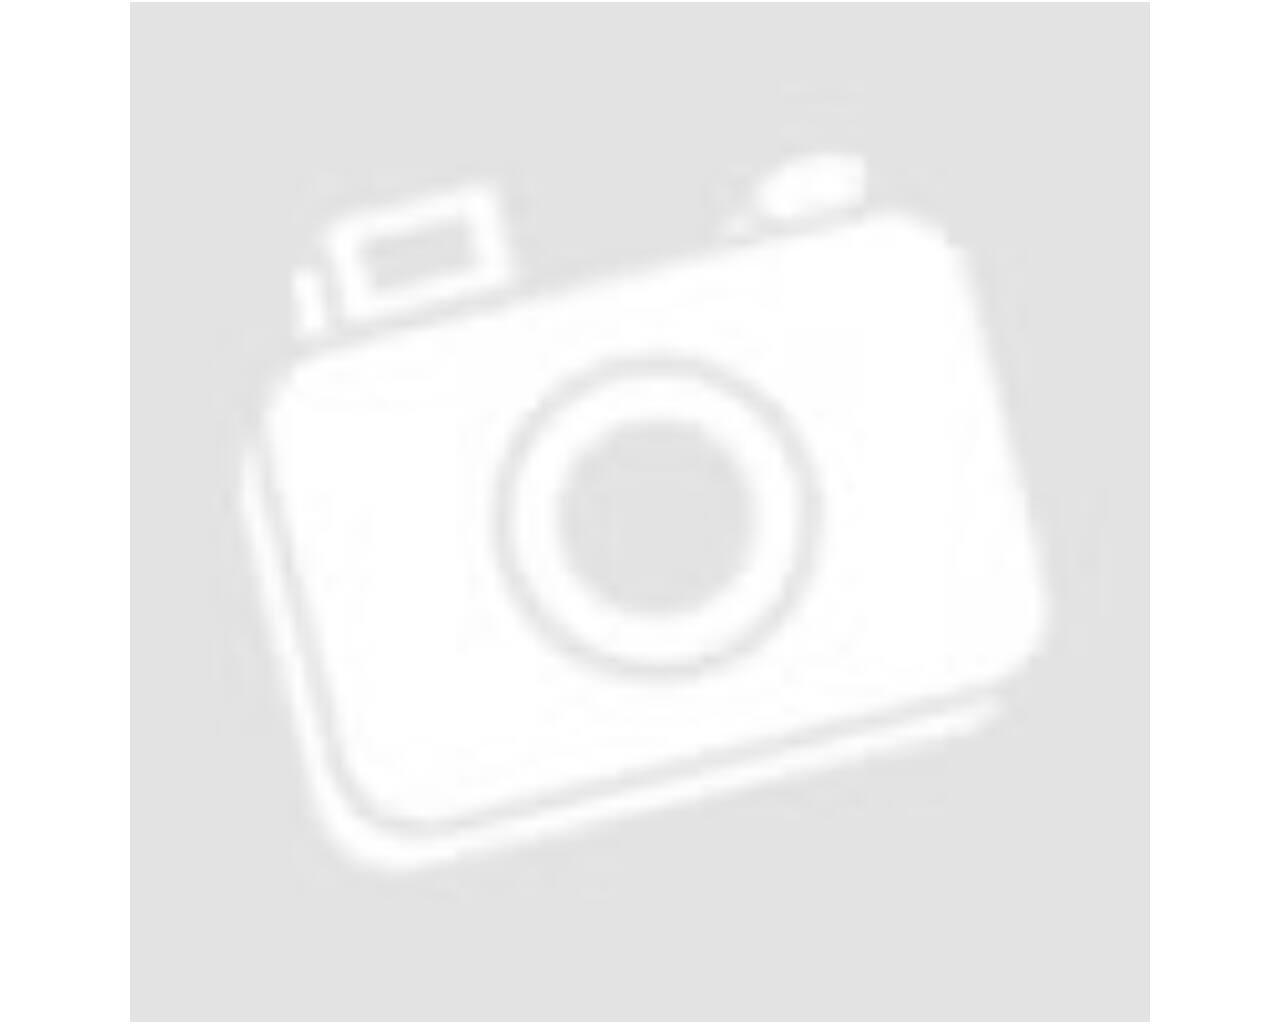 Vasalódeszka, fémszerkezet, pamutszárny, csatlakozó, 120 x 38 x 95 cm